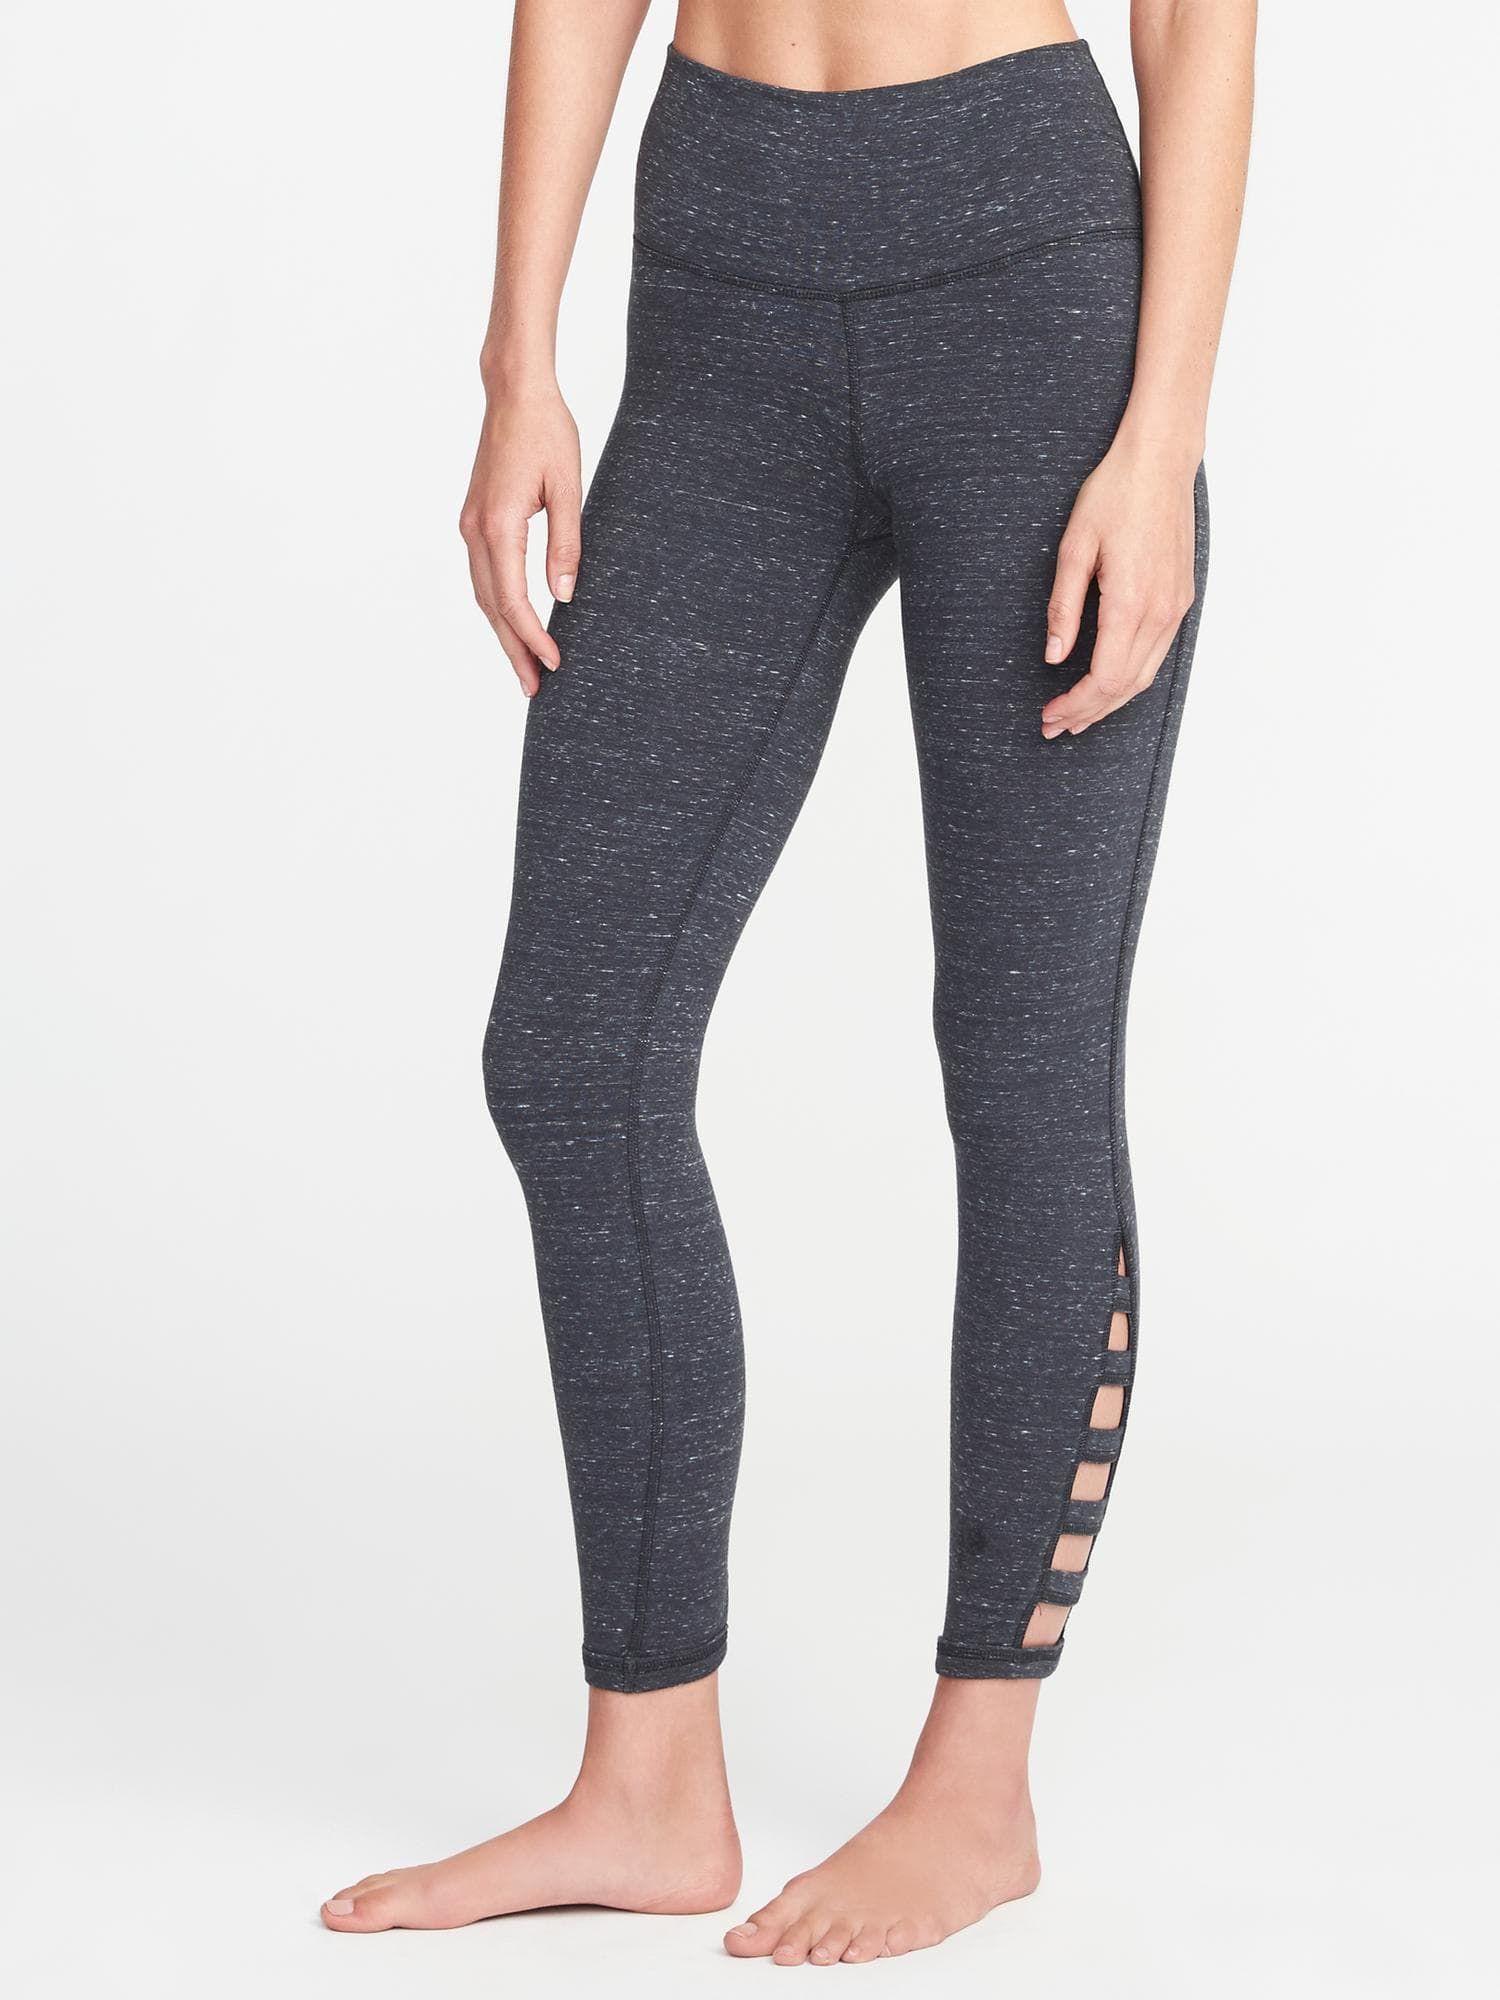 ab669b18f78c1 High-Rise Go-Dry Lattice-Hem 7/8-Length Leggings for Women   Old Navy